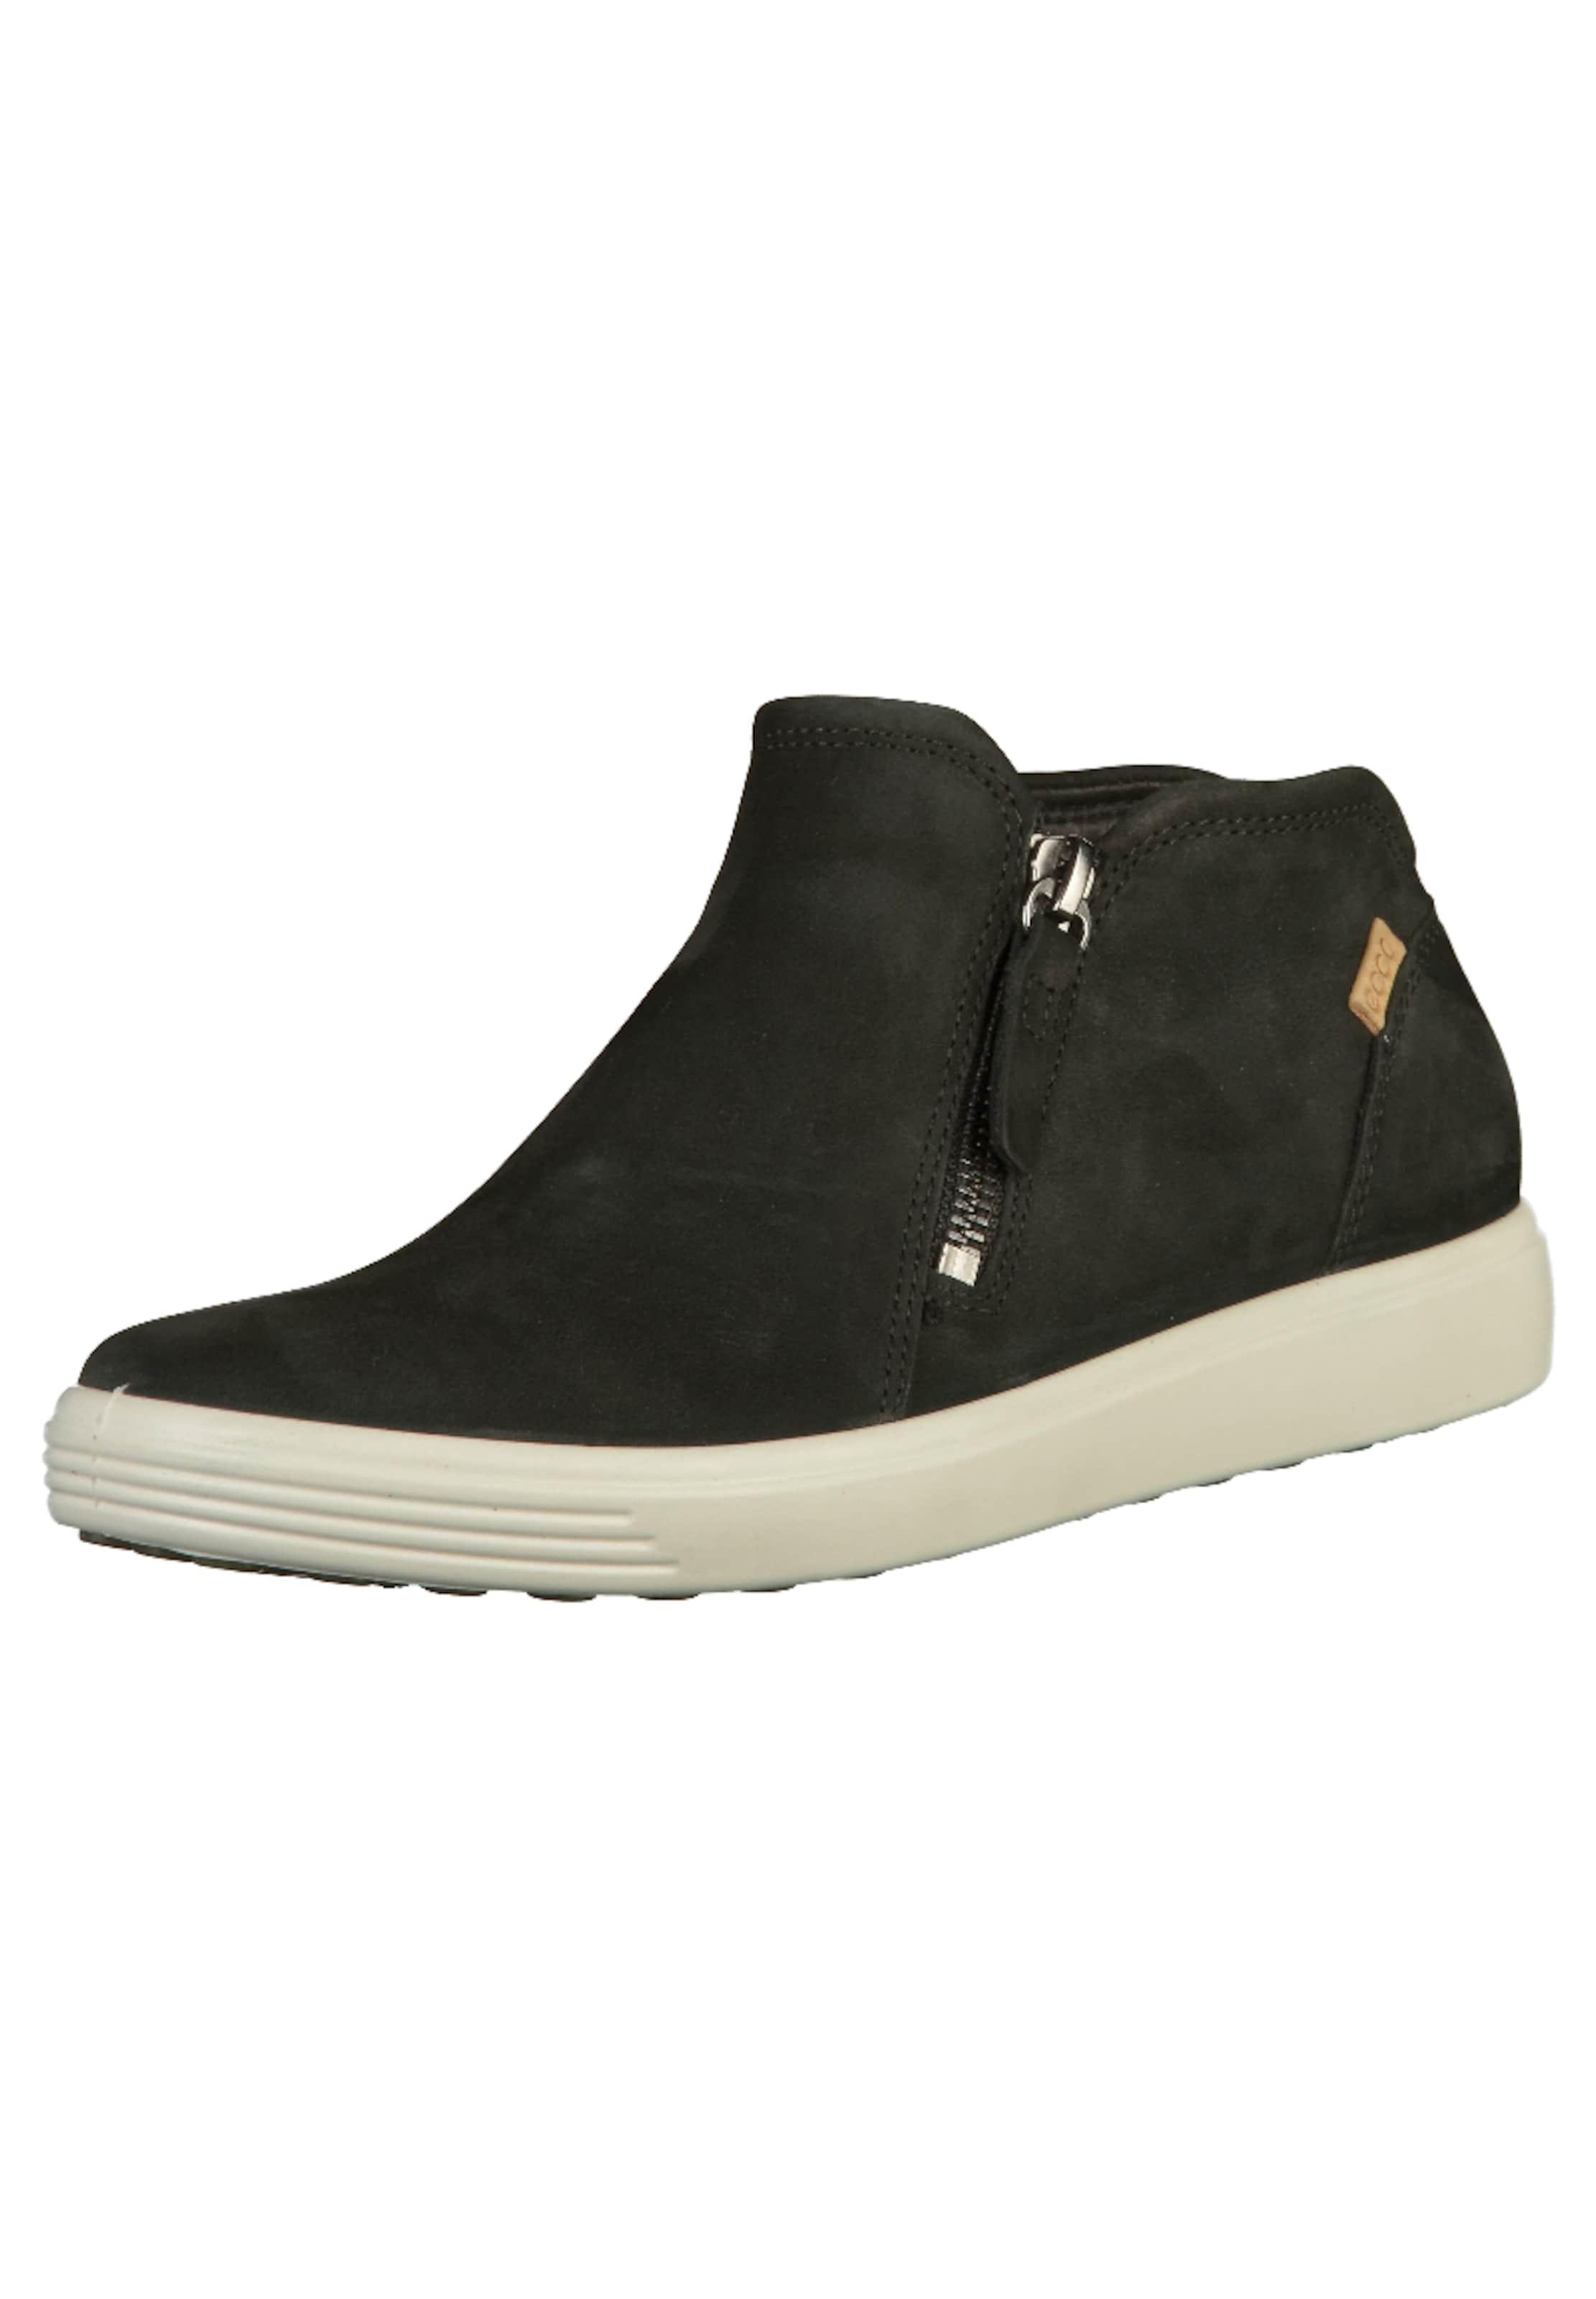 ECCO Sneaker Günstige und langlebige Schuhe 34fd3e